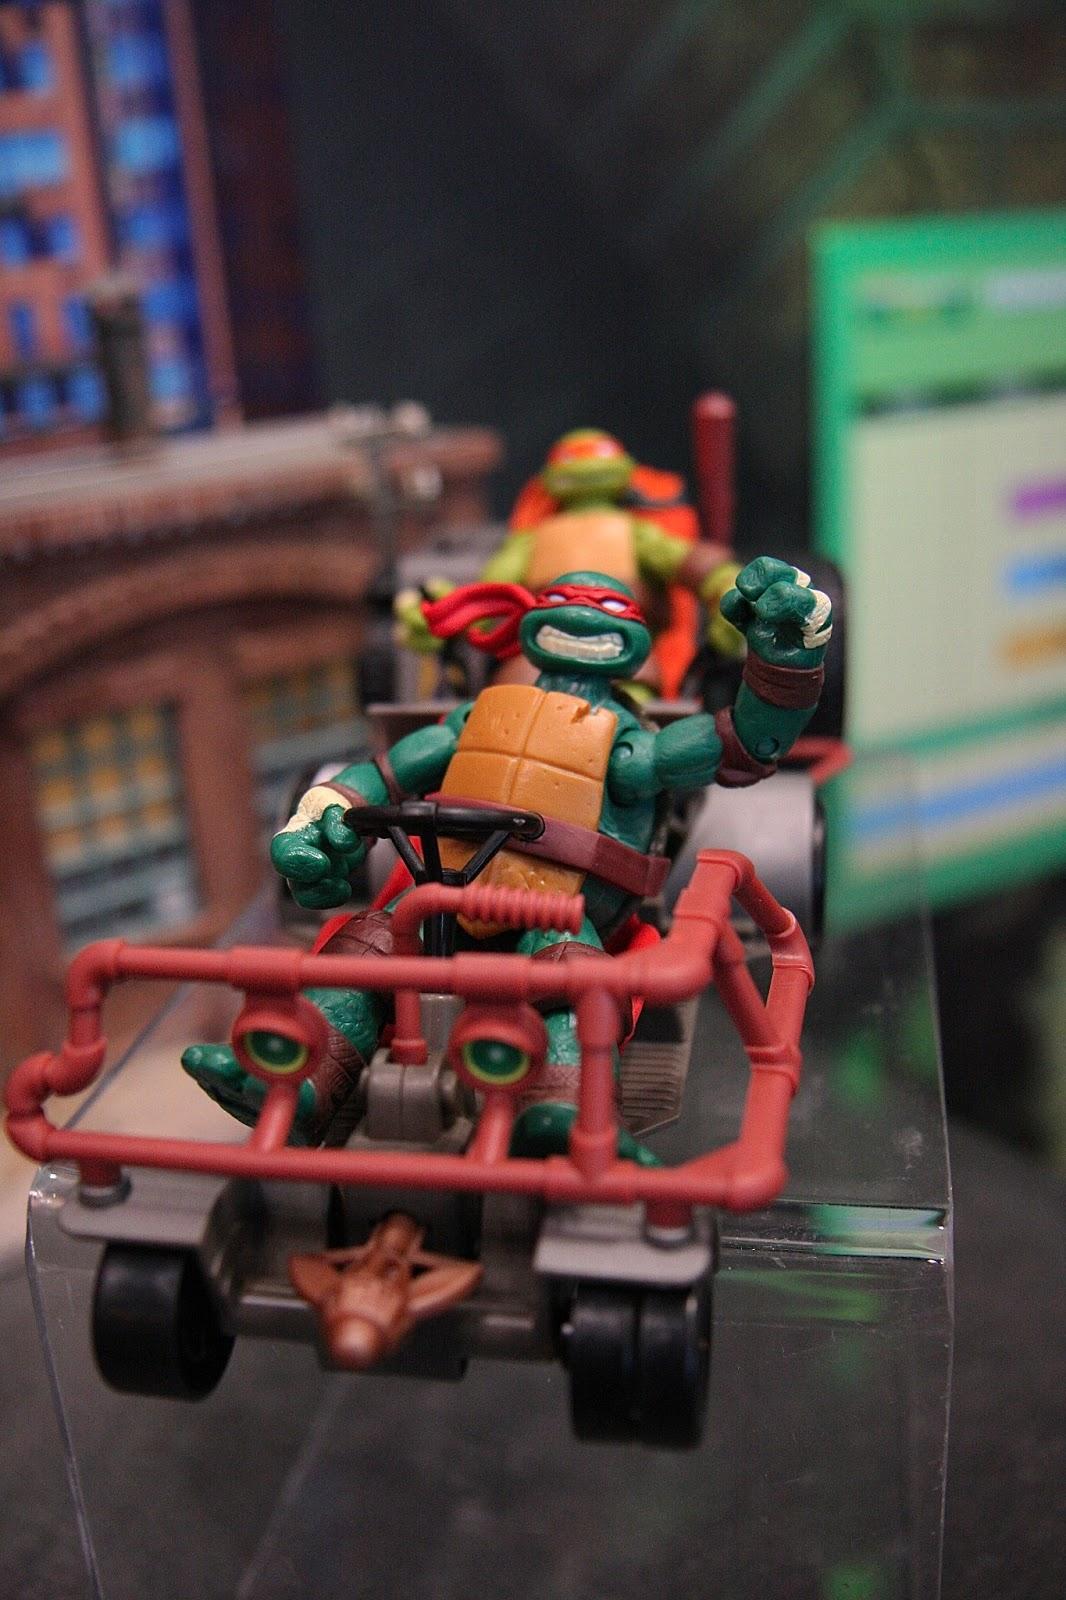 Teenage Mutant Ninja Turtles Toys 2013 : Teenage mutant ninja turtles toys imgkid